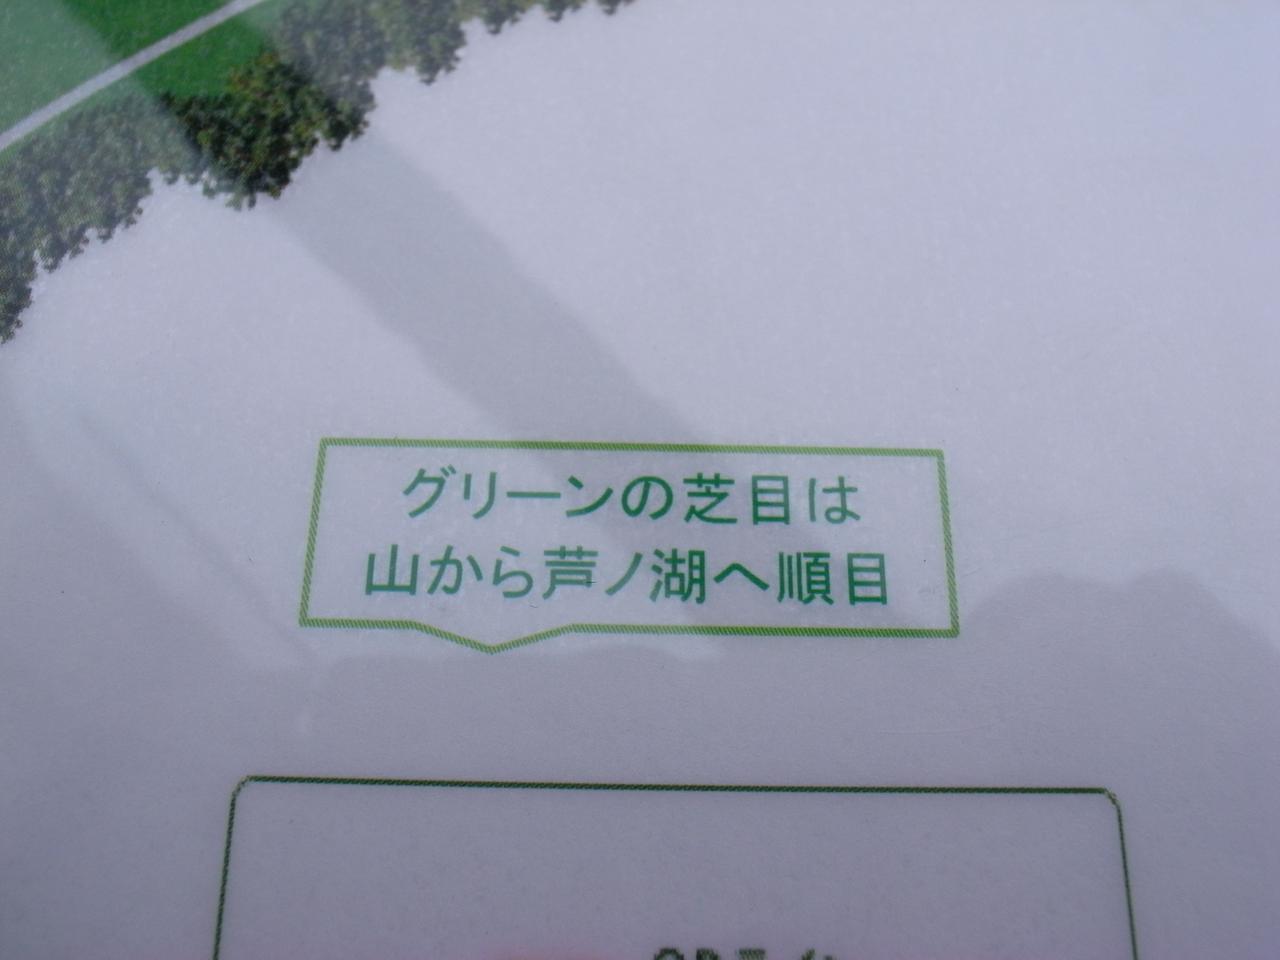 画像4: 「100選」認定第1号は 箱根湖畔ゴルフコース